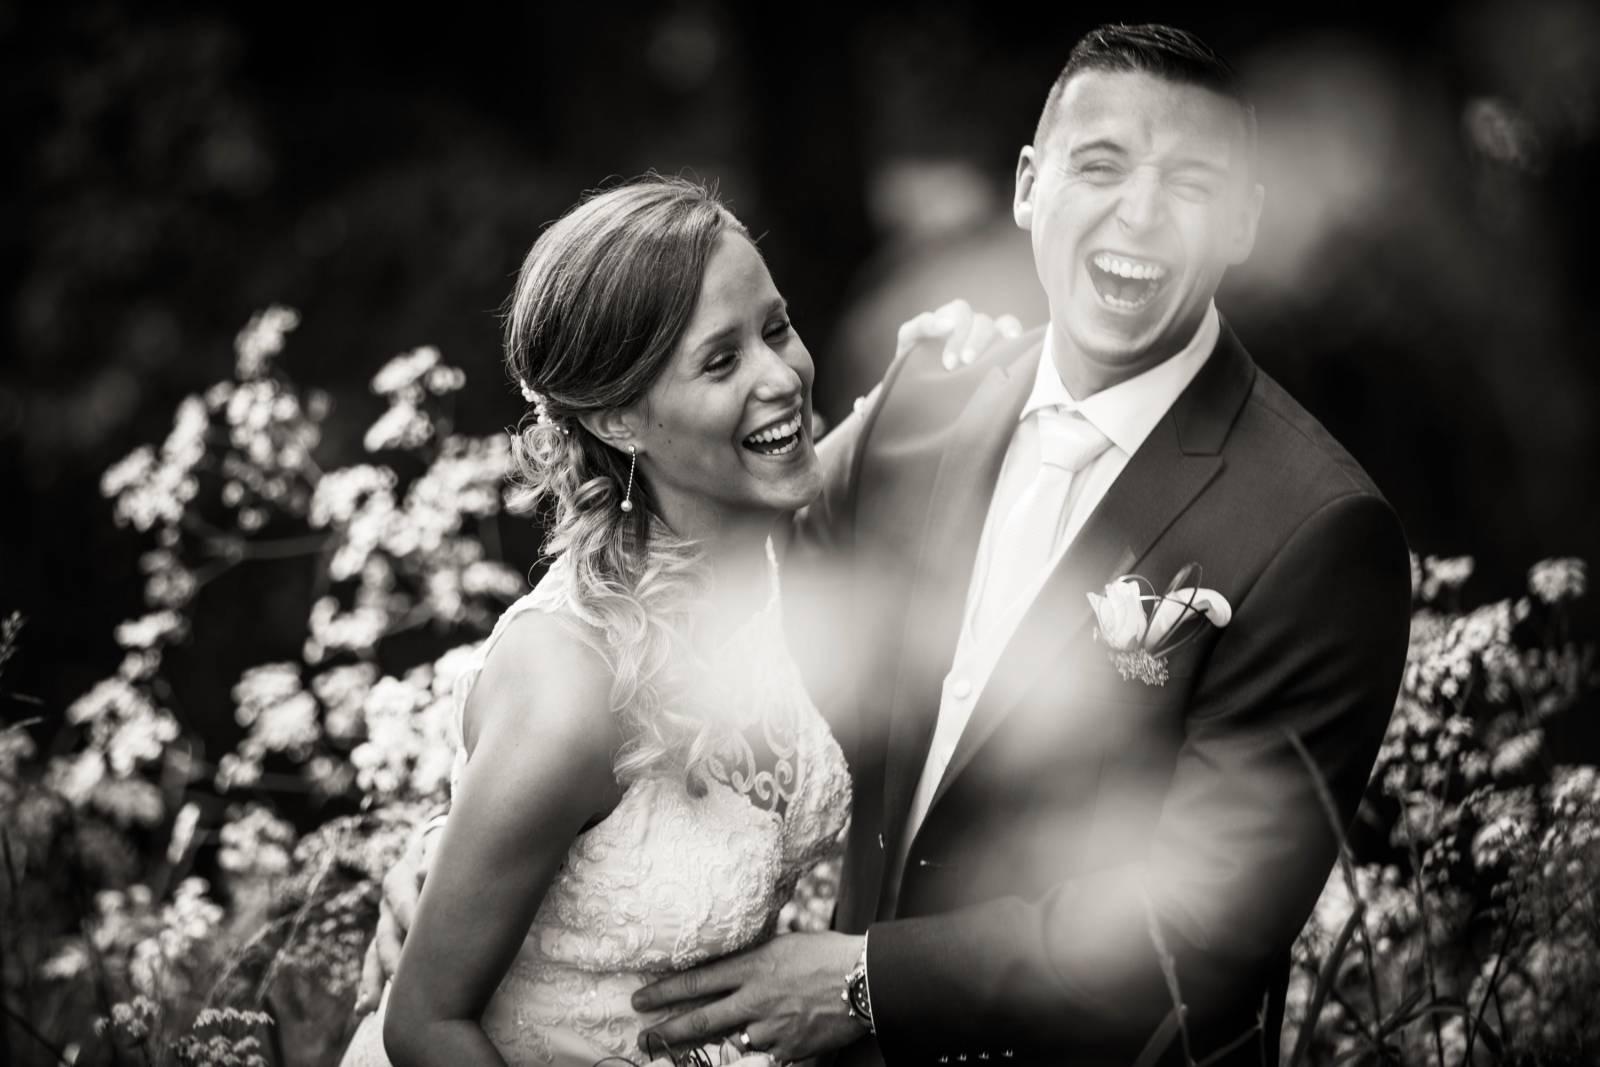 GPix Photography - House of Weddings - 21